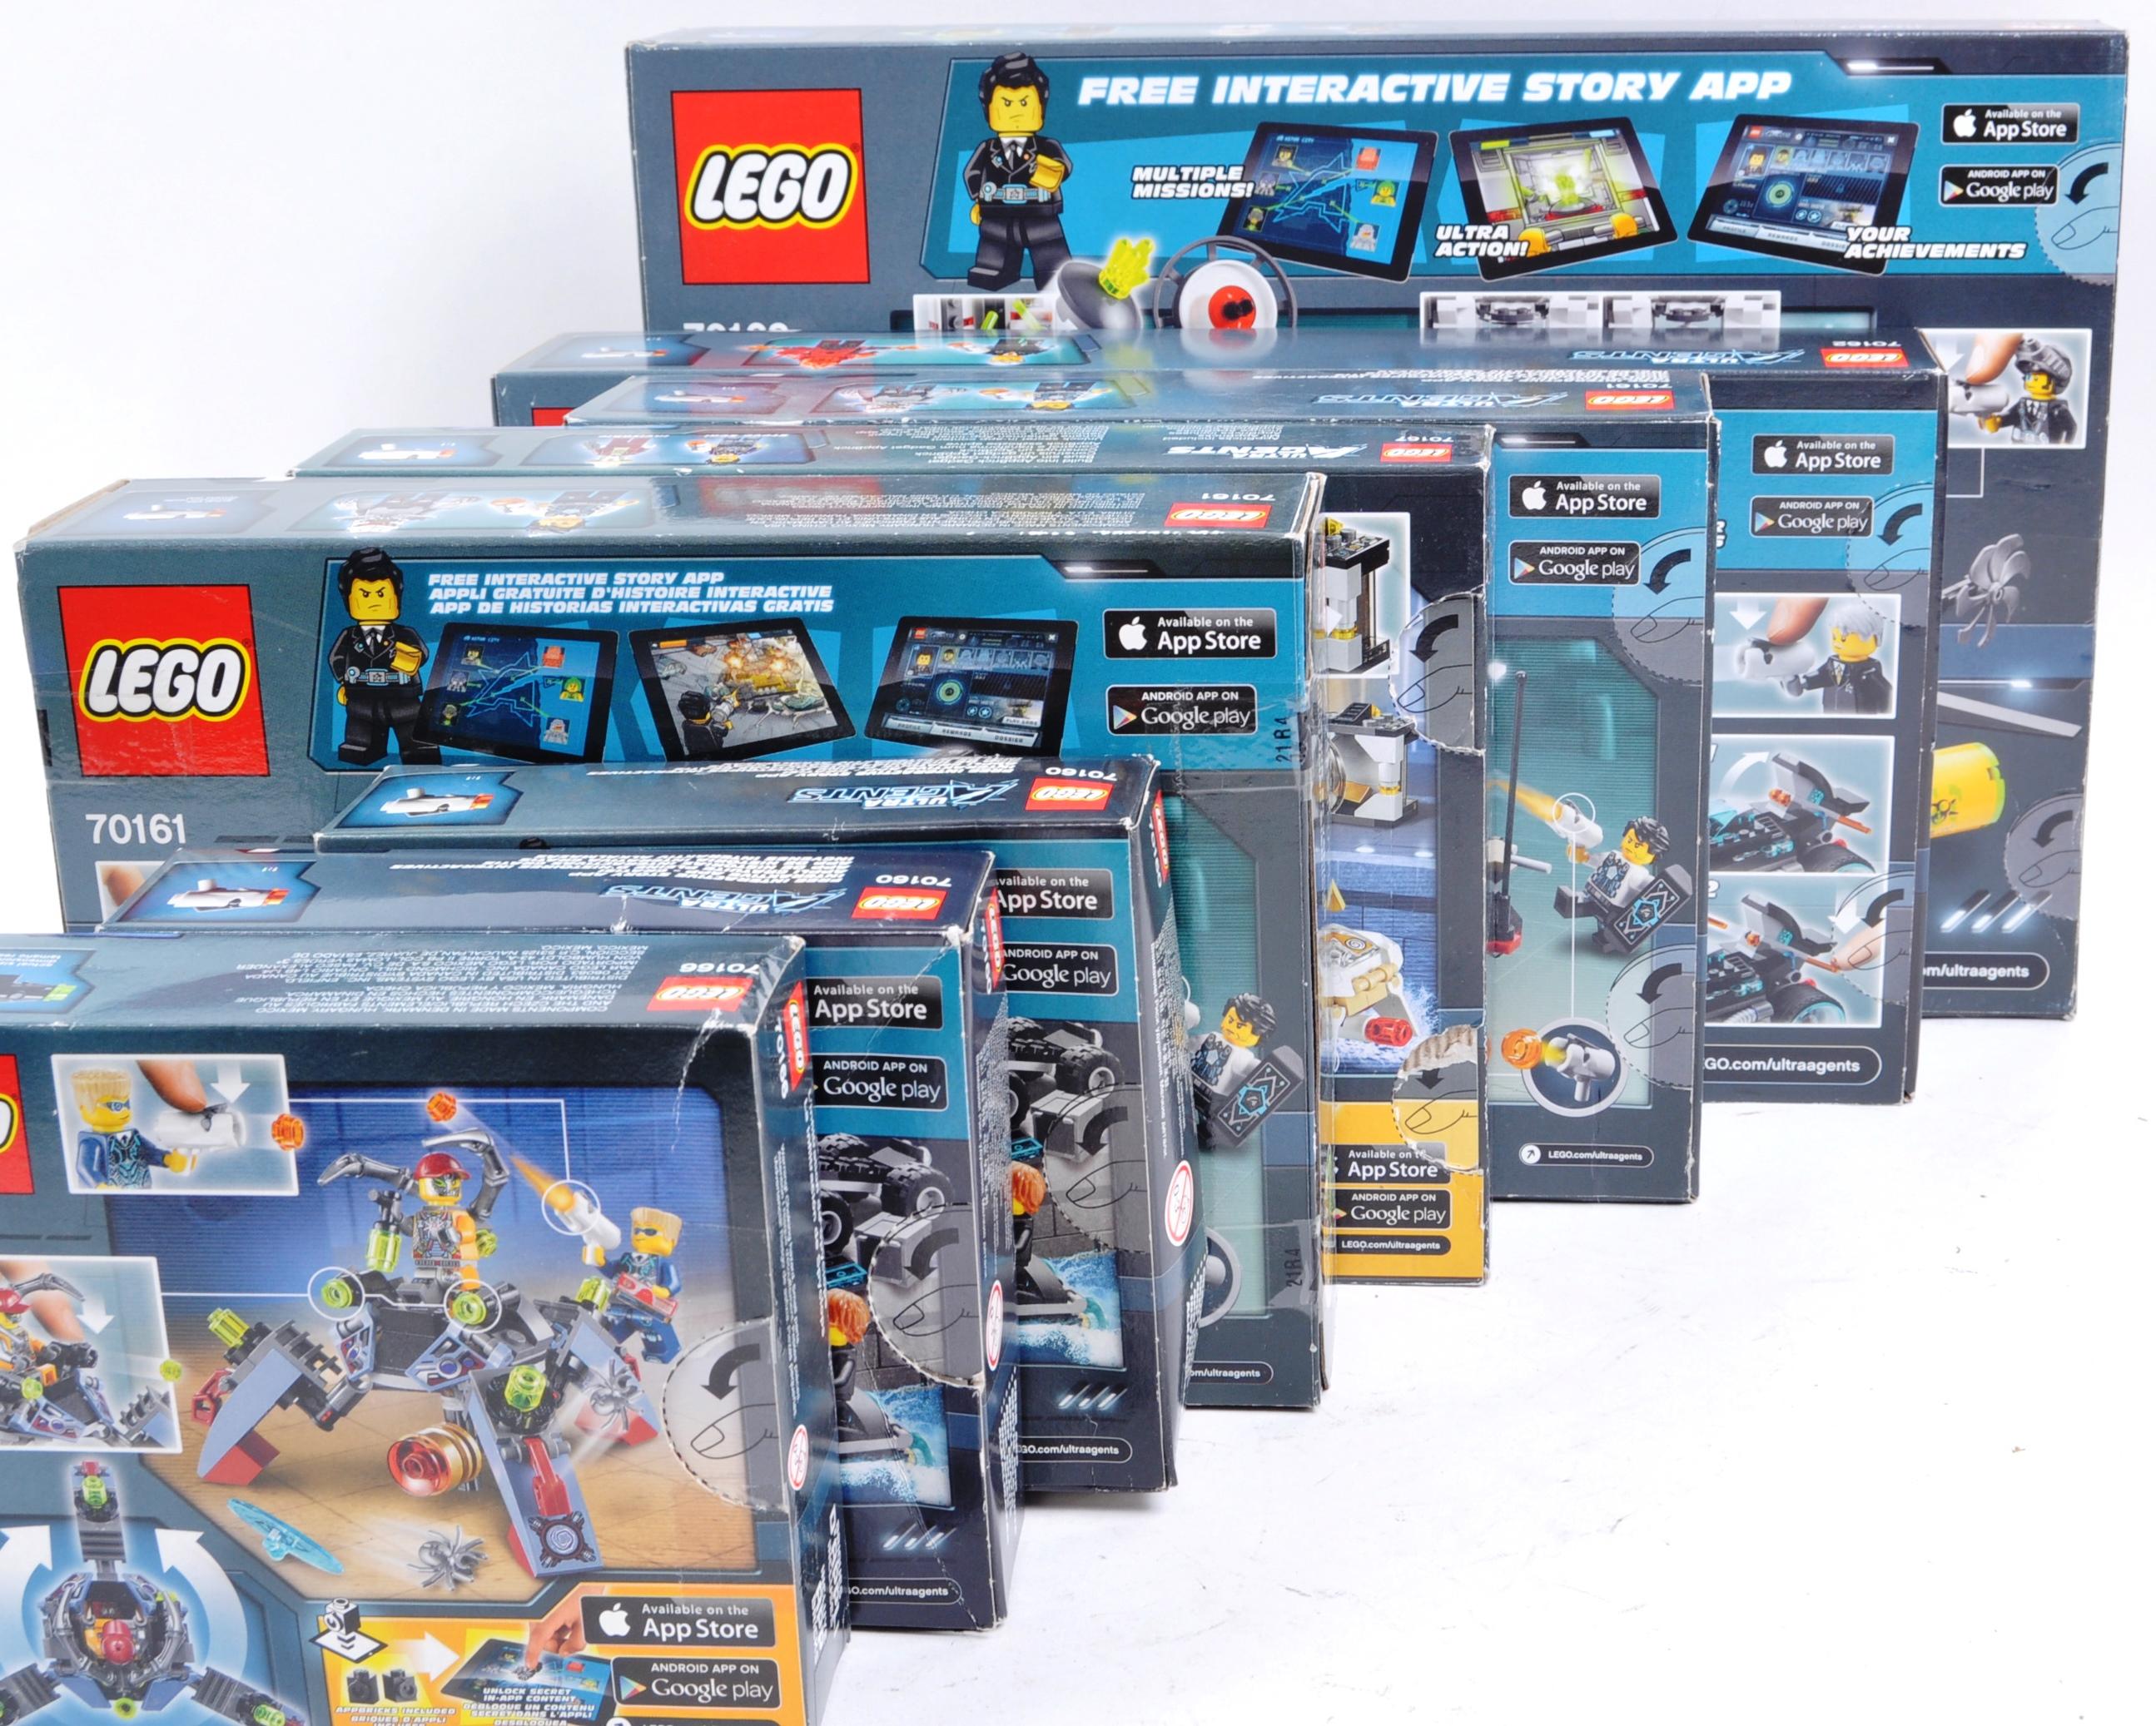 LEGO SETS - LEGO ULTRA AGENTS - Image 6 of 6